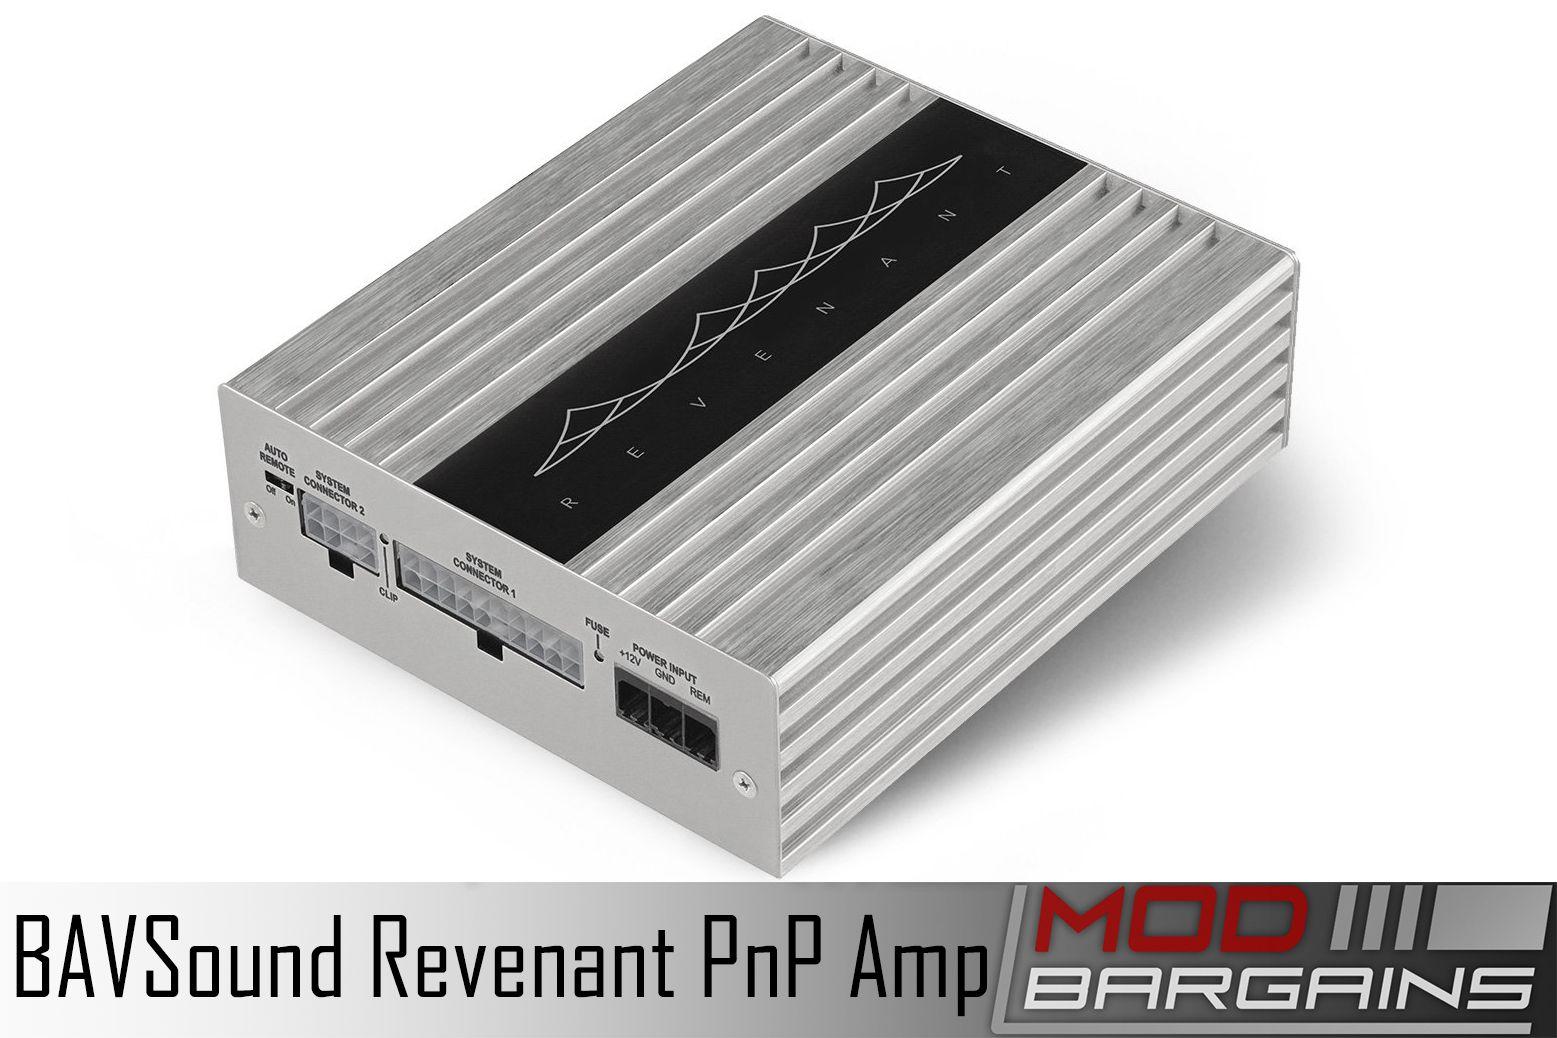 BAVSound Revenant PnP Amp for BMWs